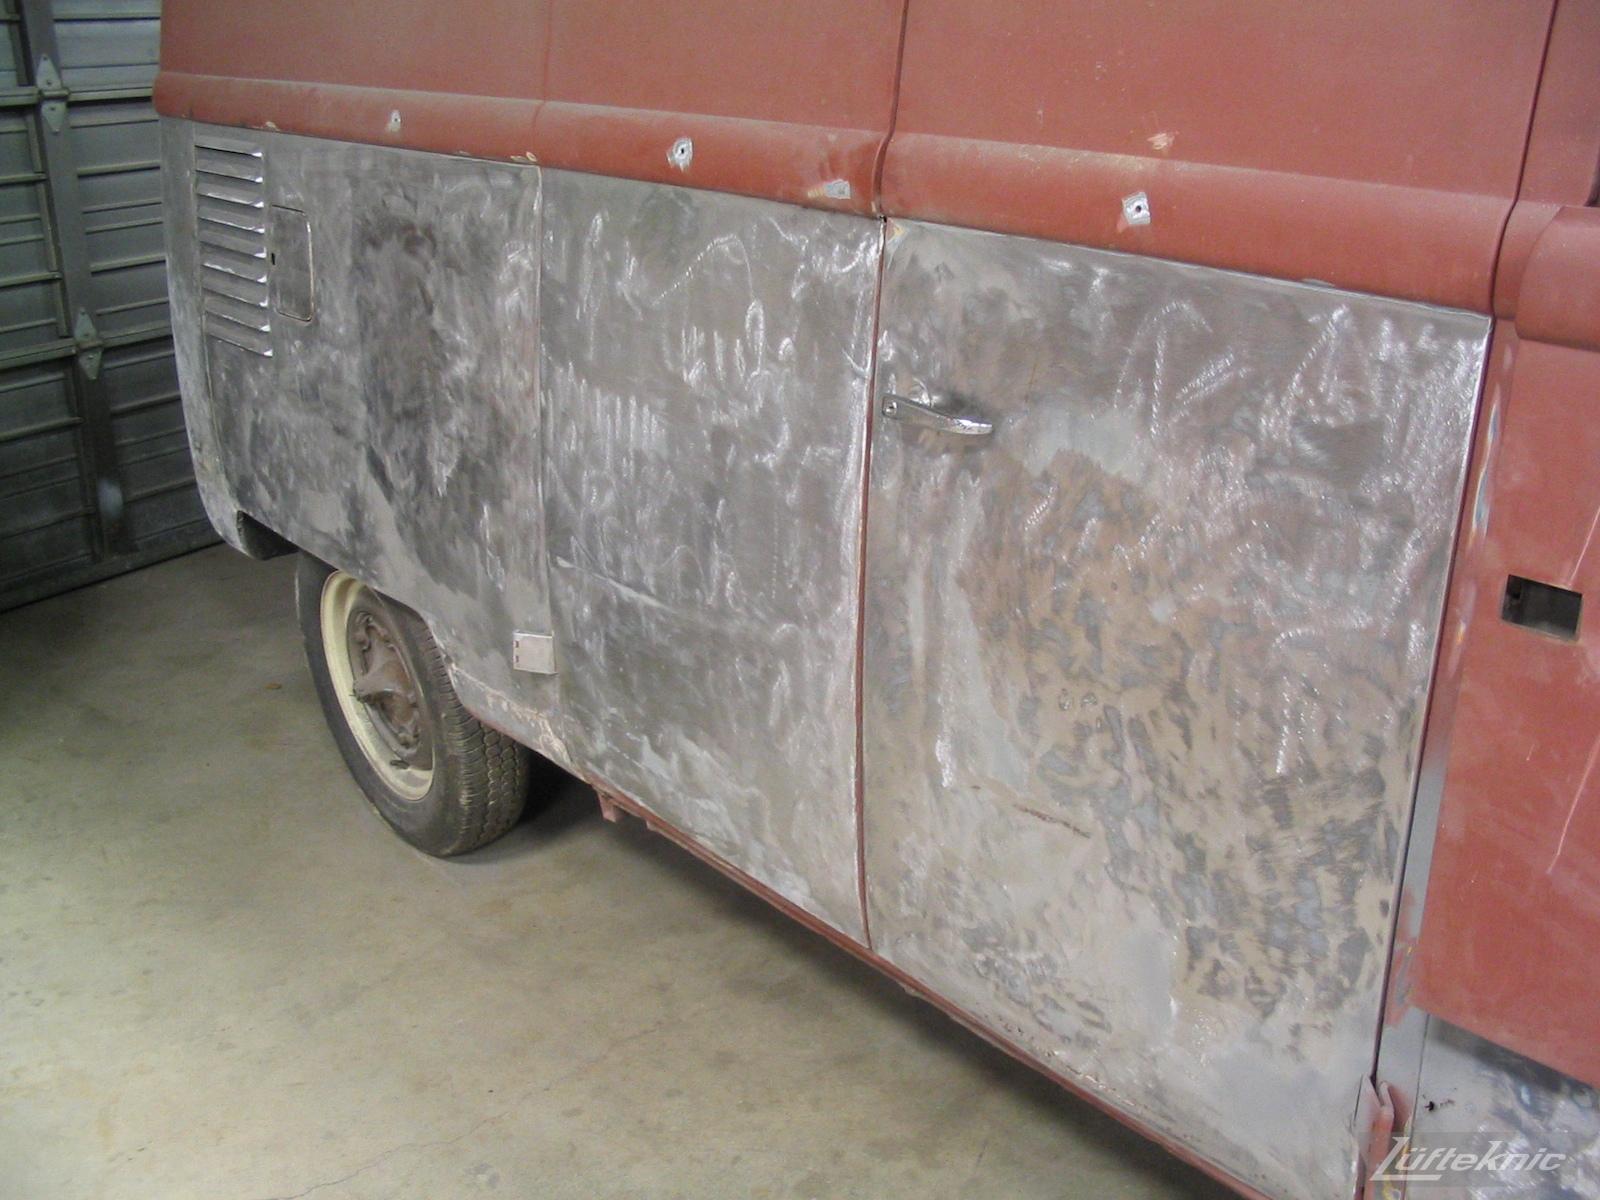 1956 Volkswagen double panel Transporter Porsche bus body work.